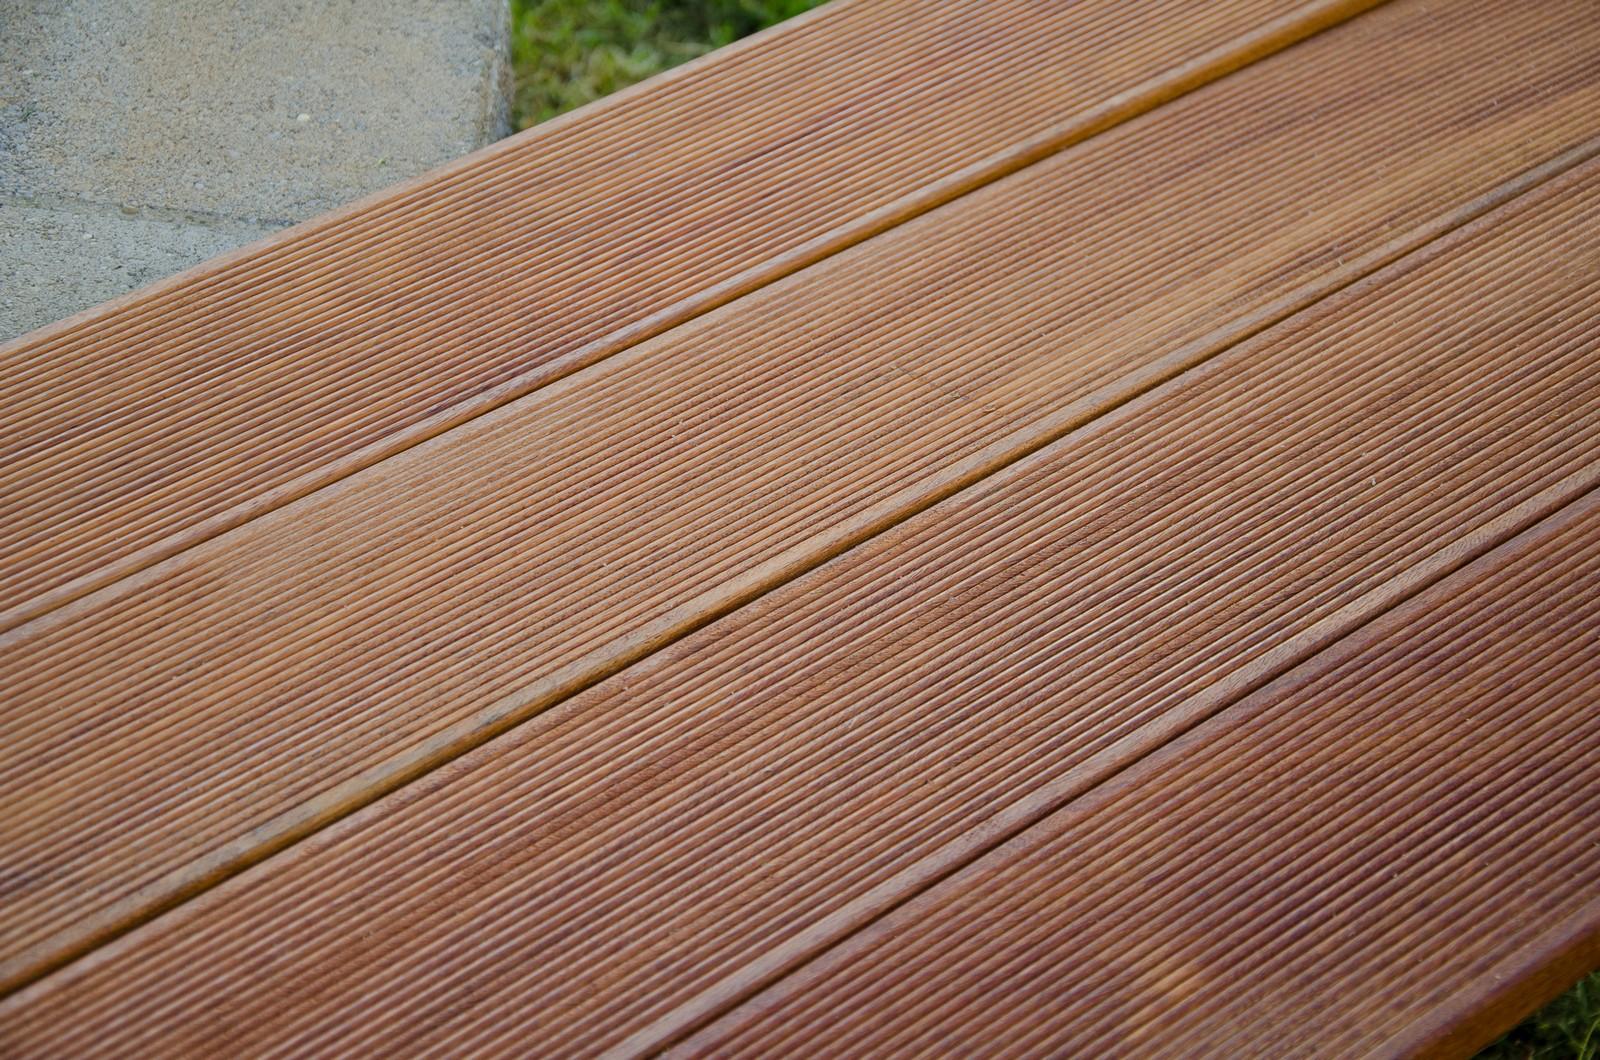 Pavimento maxilistone da esterno in legno decking cumaru teak americano ebay - Pavimento in legno da esterno ...